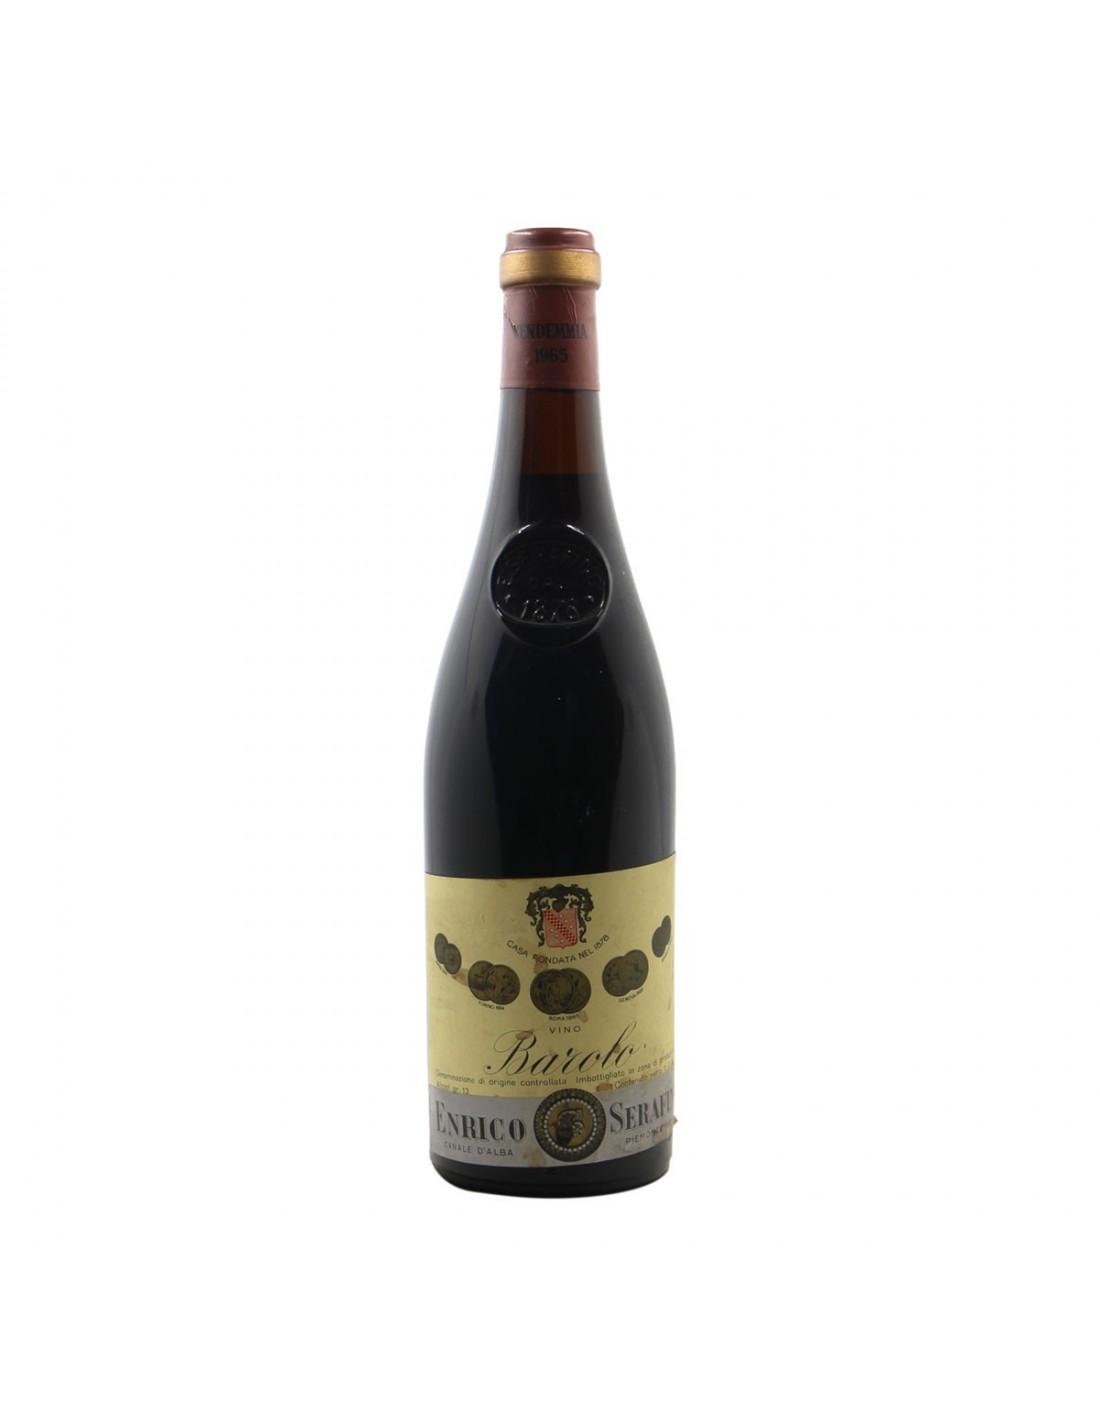 BAROLO 1965 SERAFINO Grandi Bottiglie